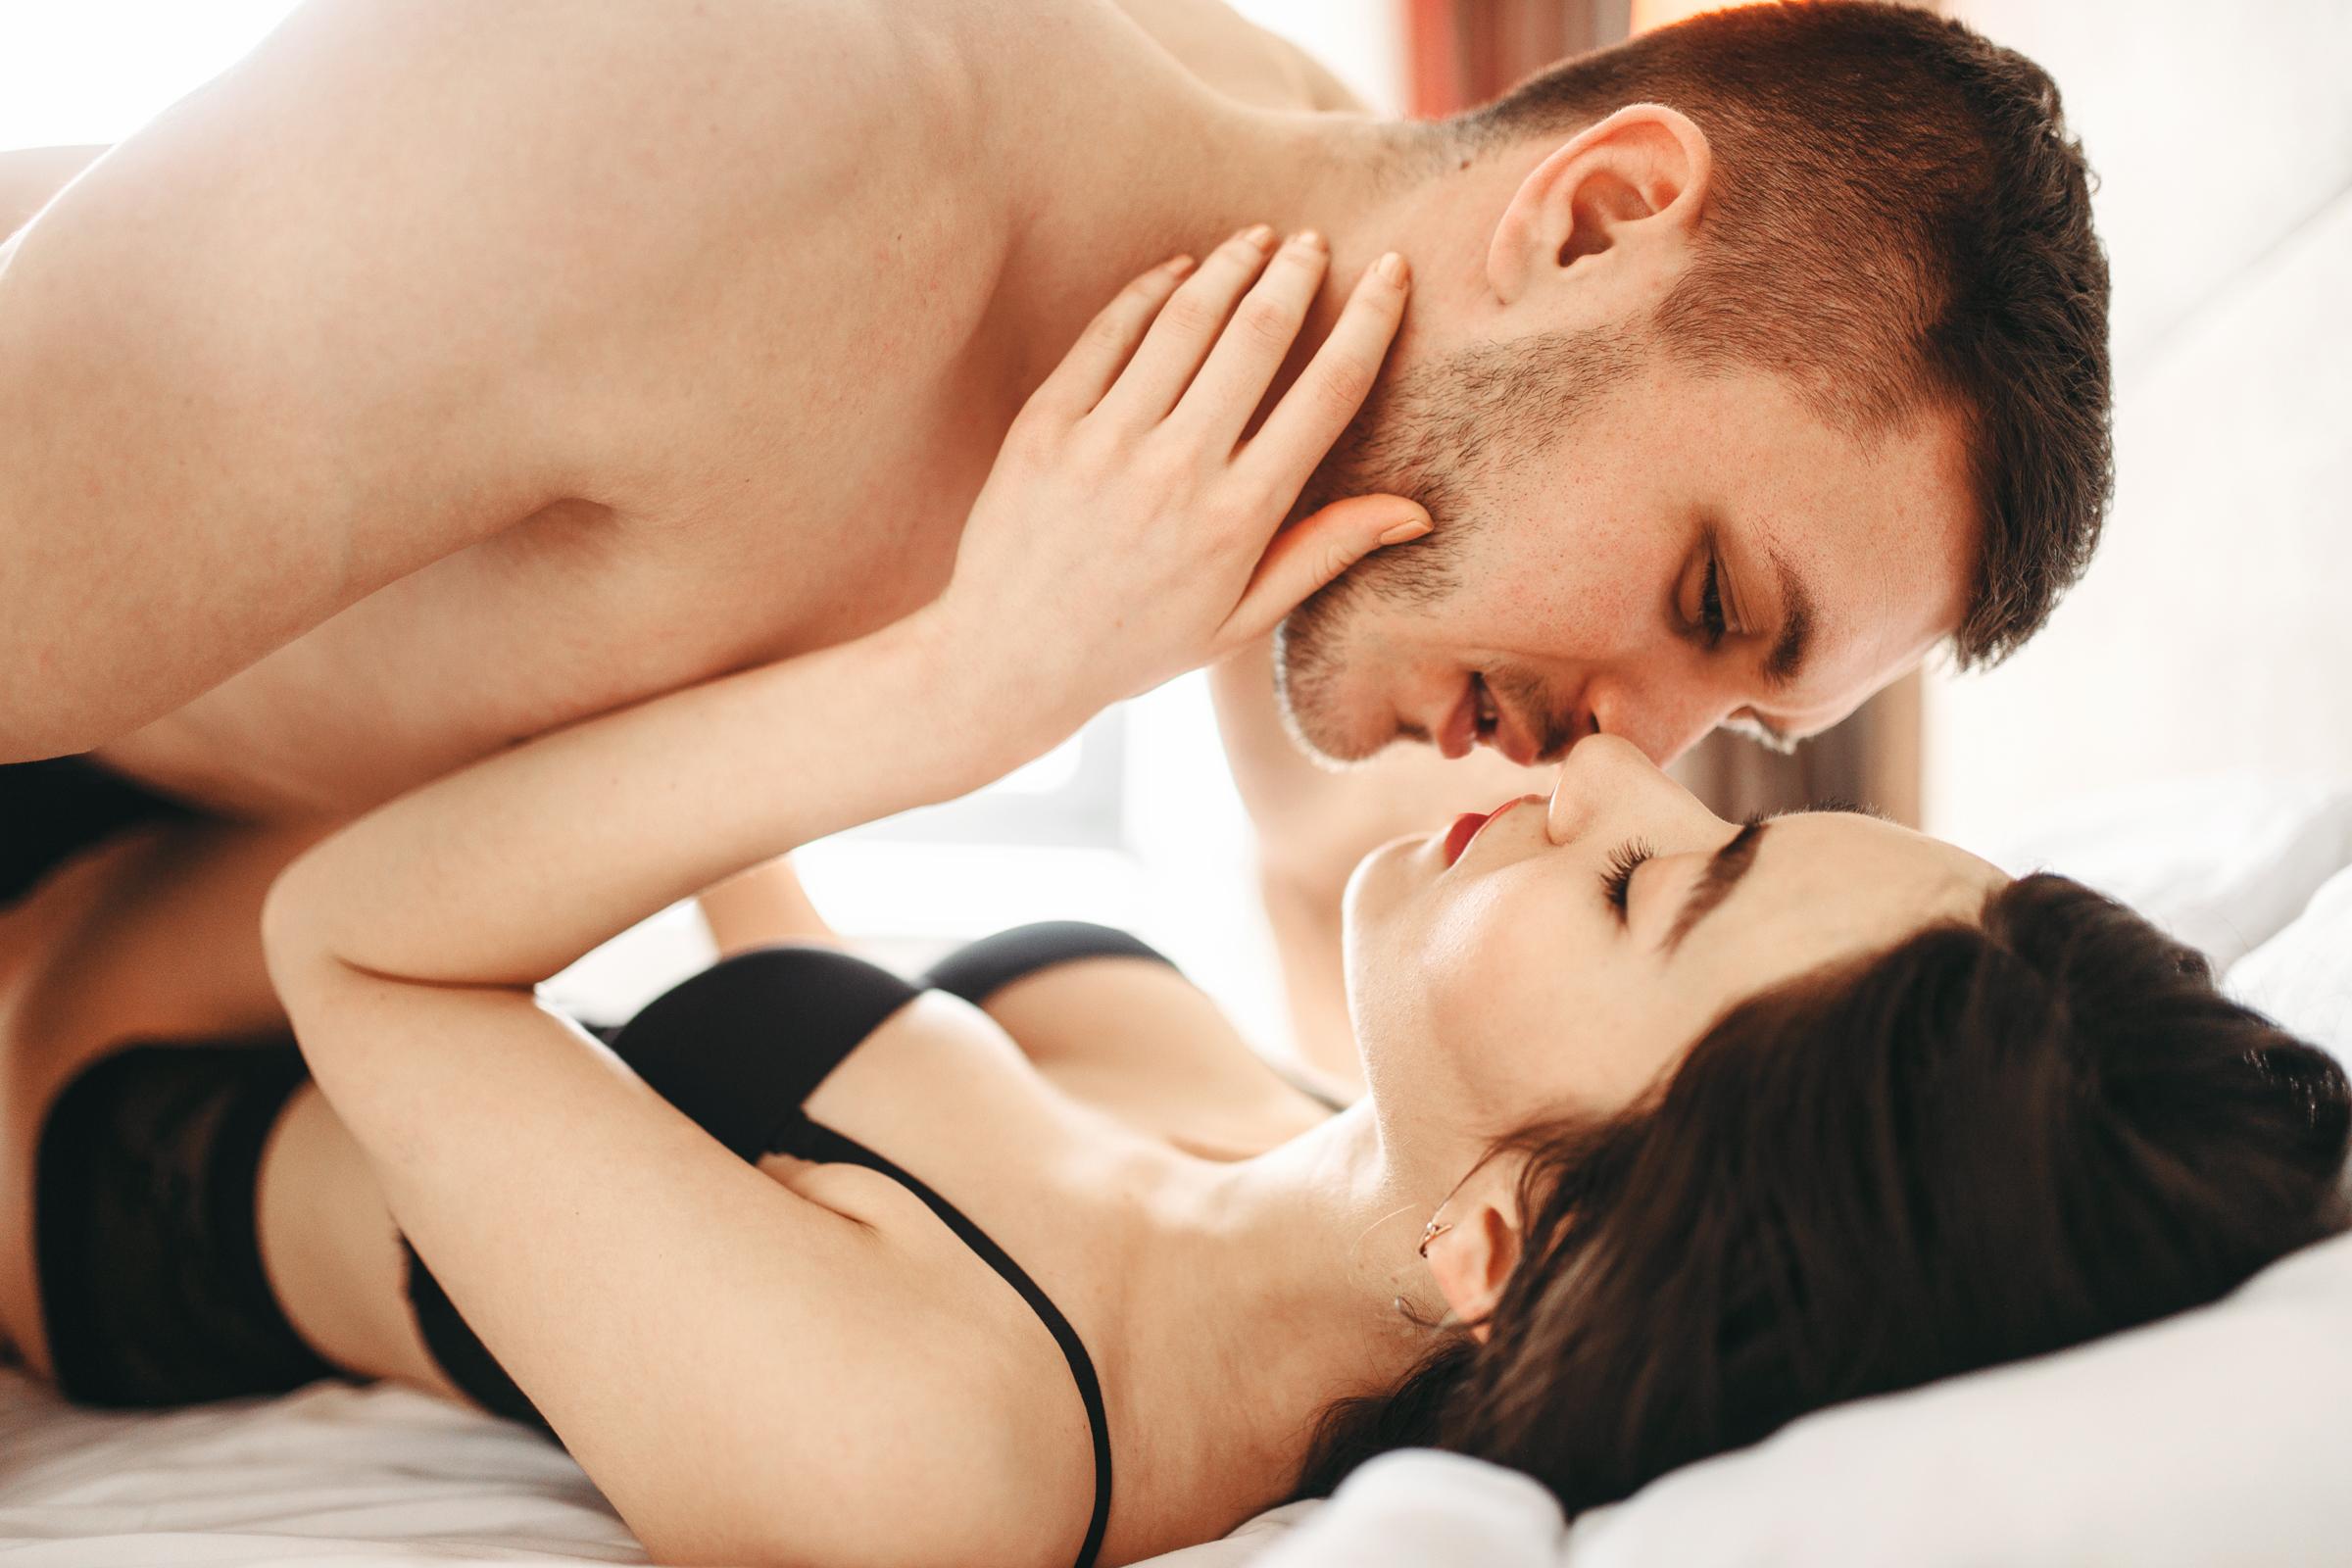 hogy a gyakori maszturbáció milyen hatással van az erekcióra